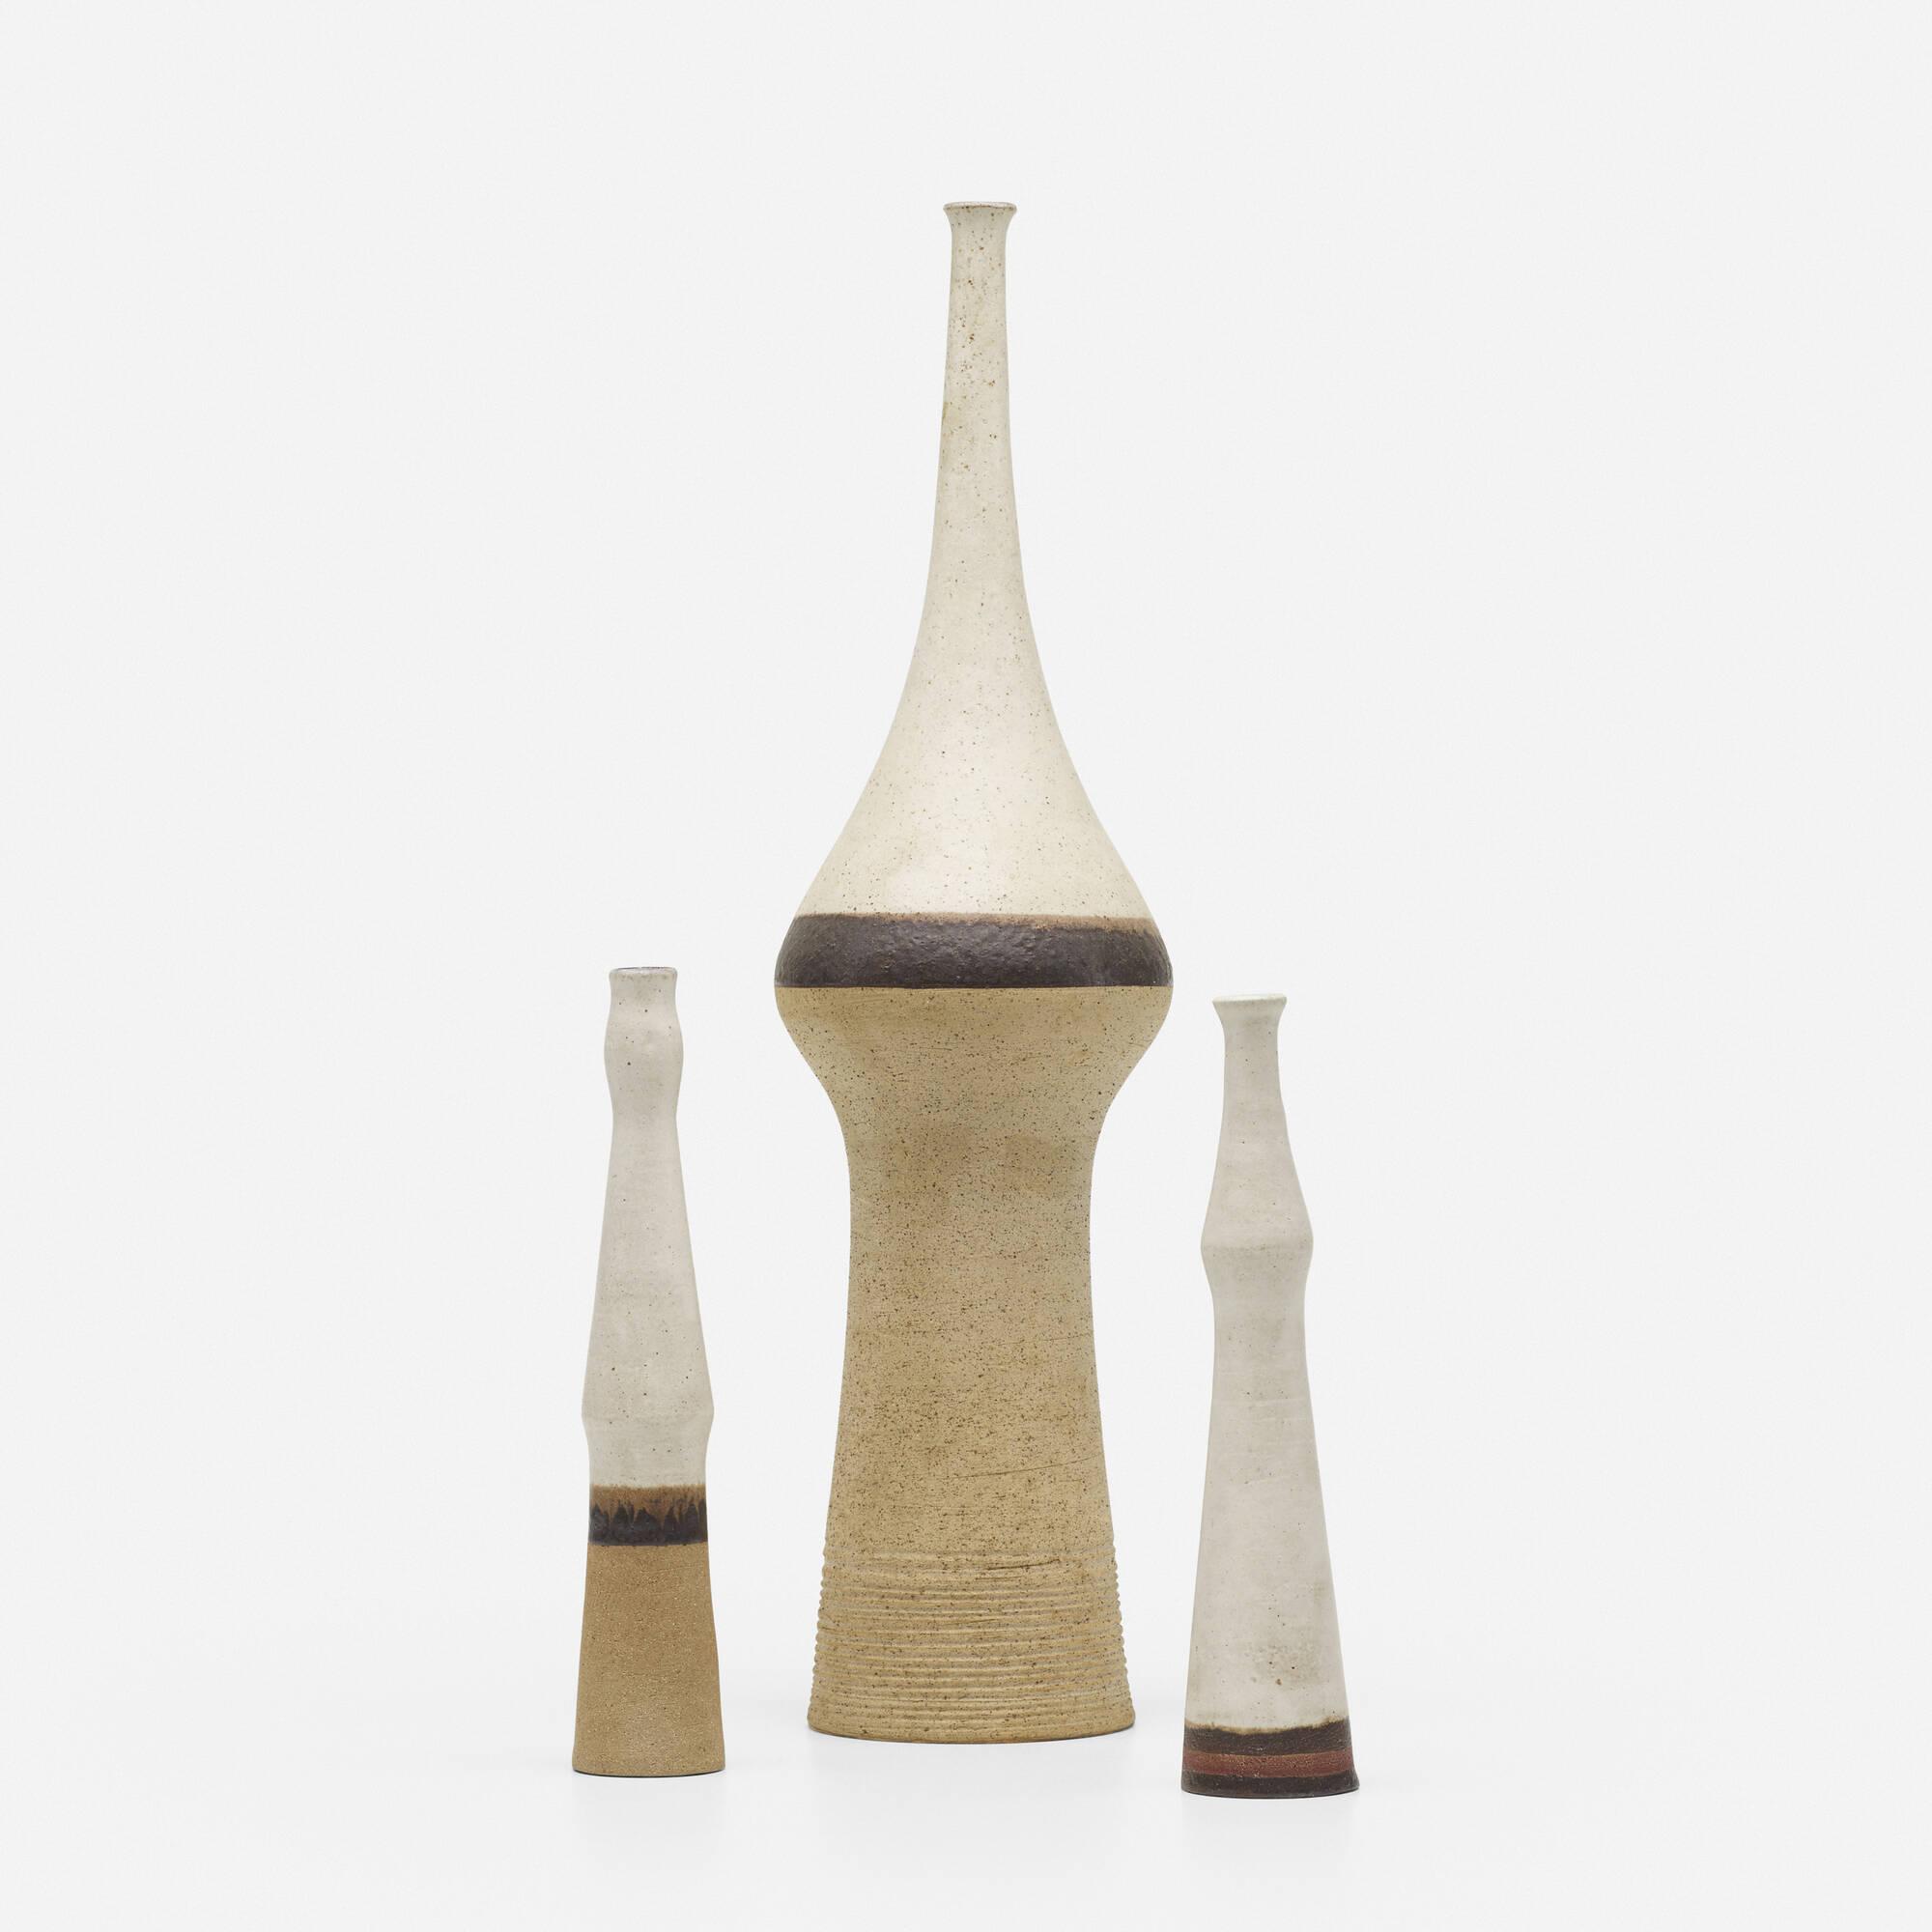 140: Bruno Gambone / vases, set of three (1 of 3)